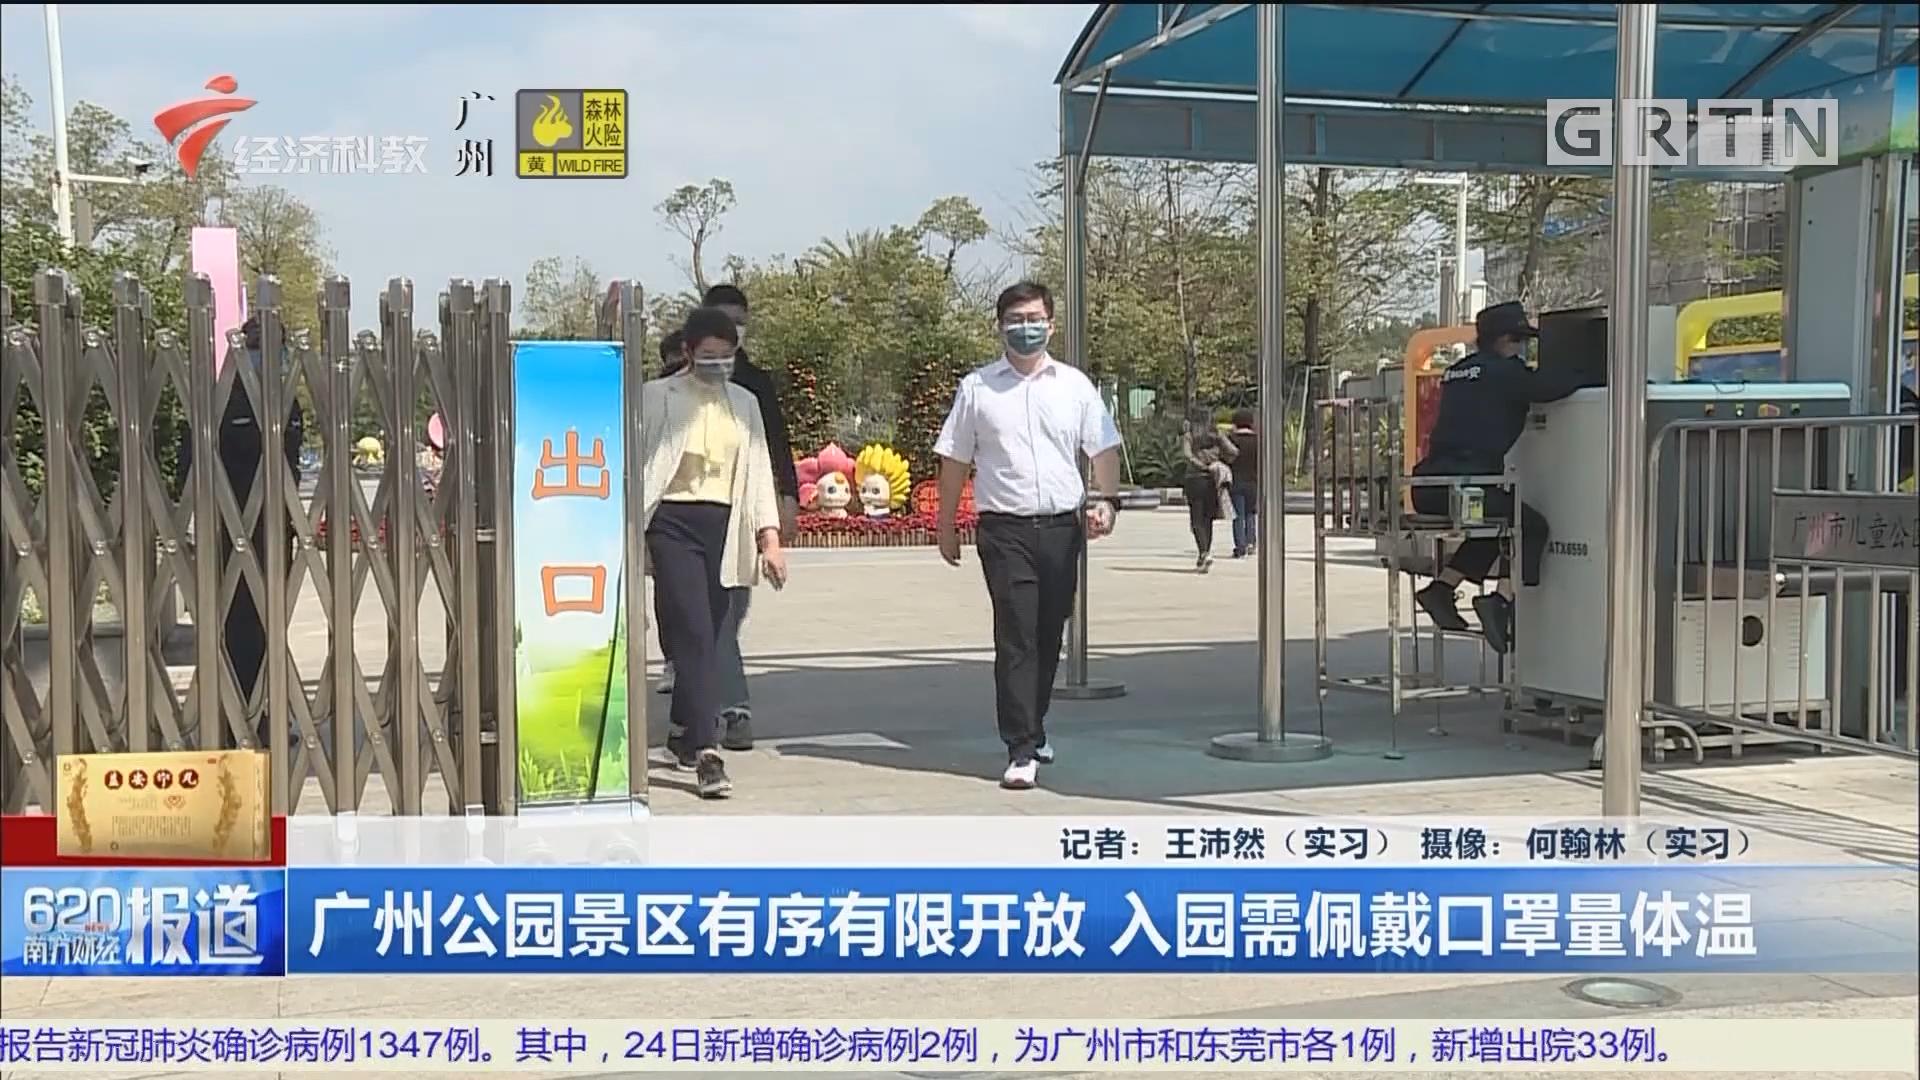 廣州公園景區有序有限開放 入園需佩戴口罩量體溫